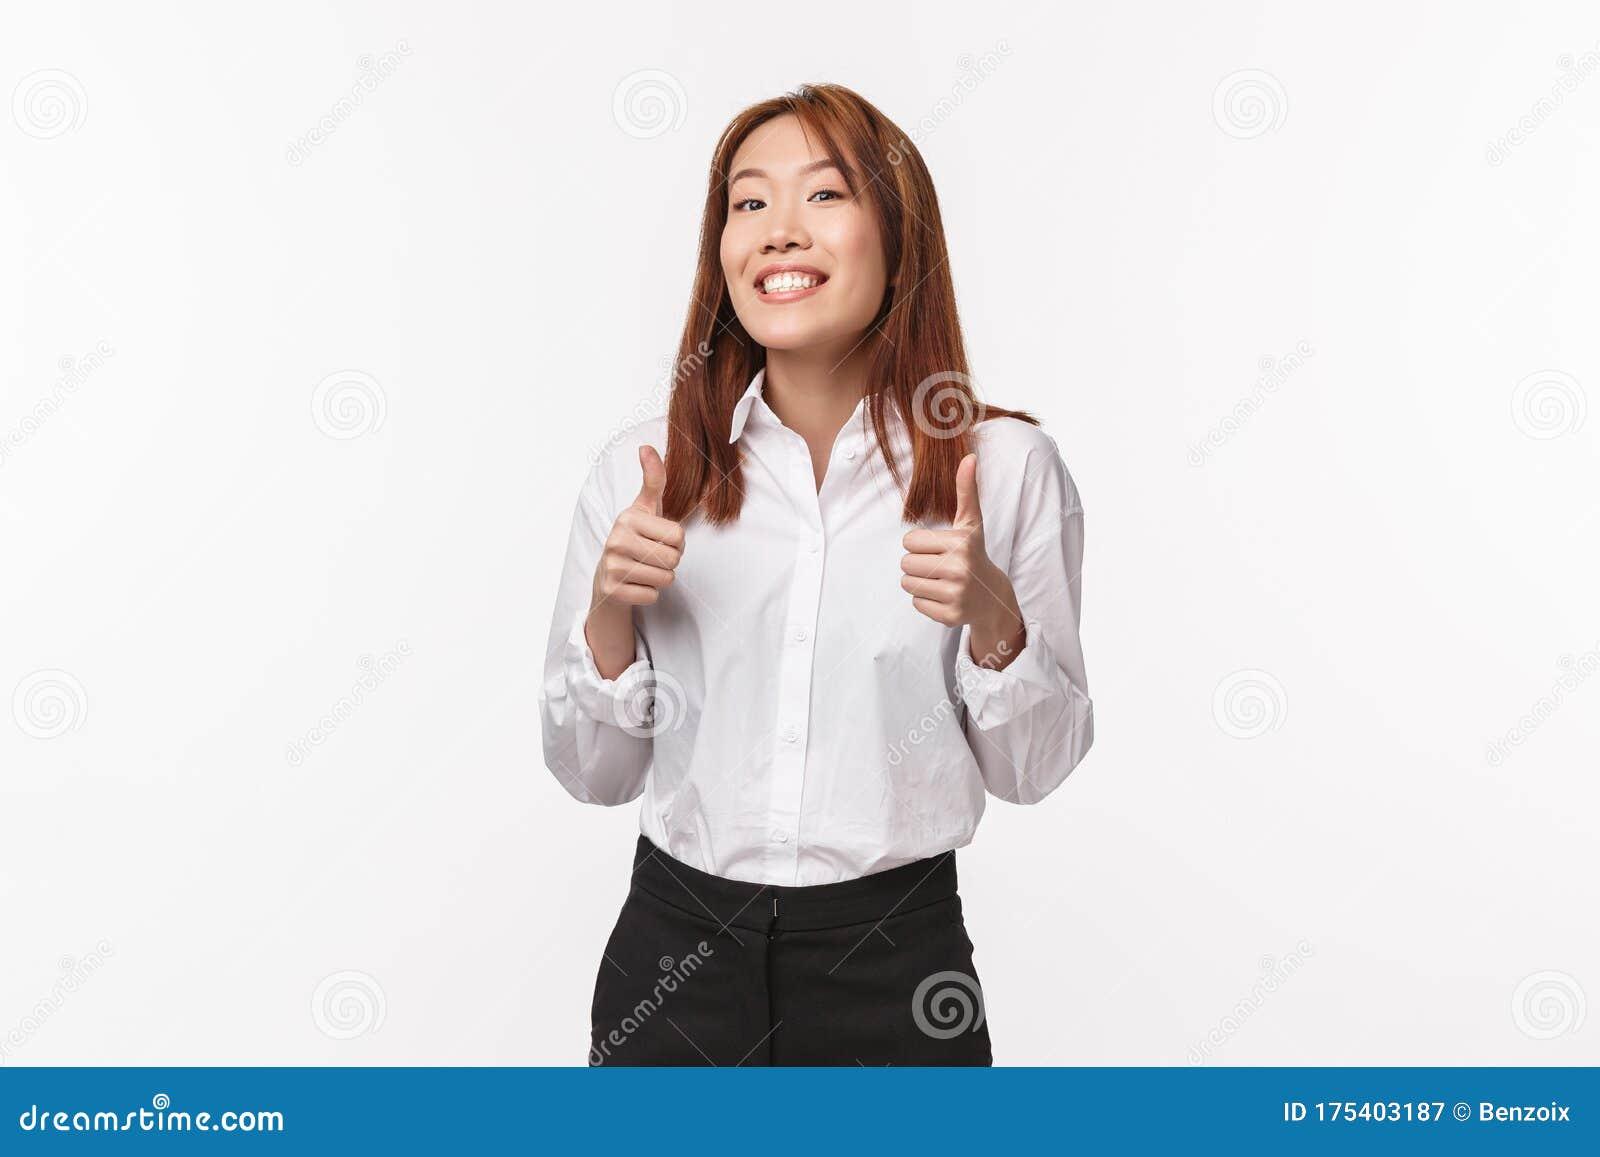 Веселая картинка для девушки которая на работе девушка овен на работе